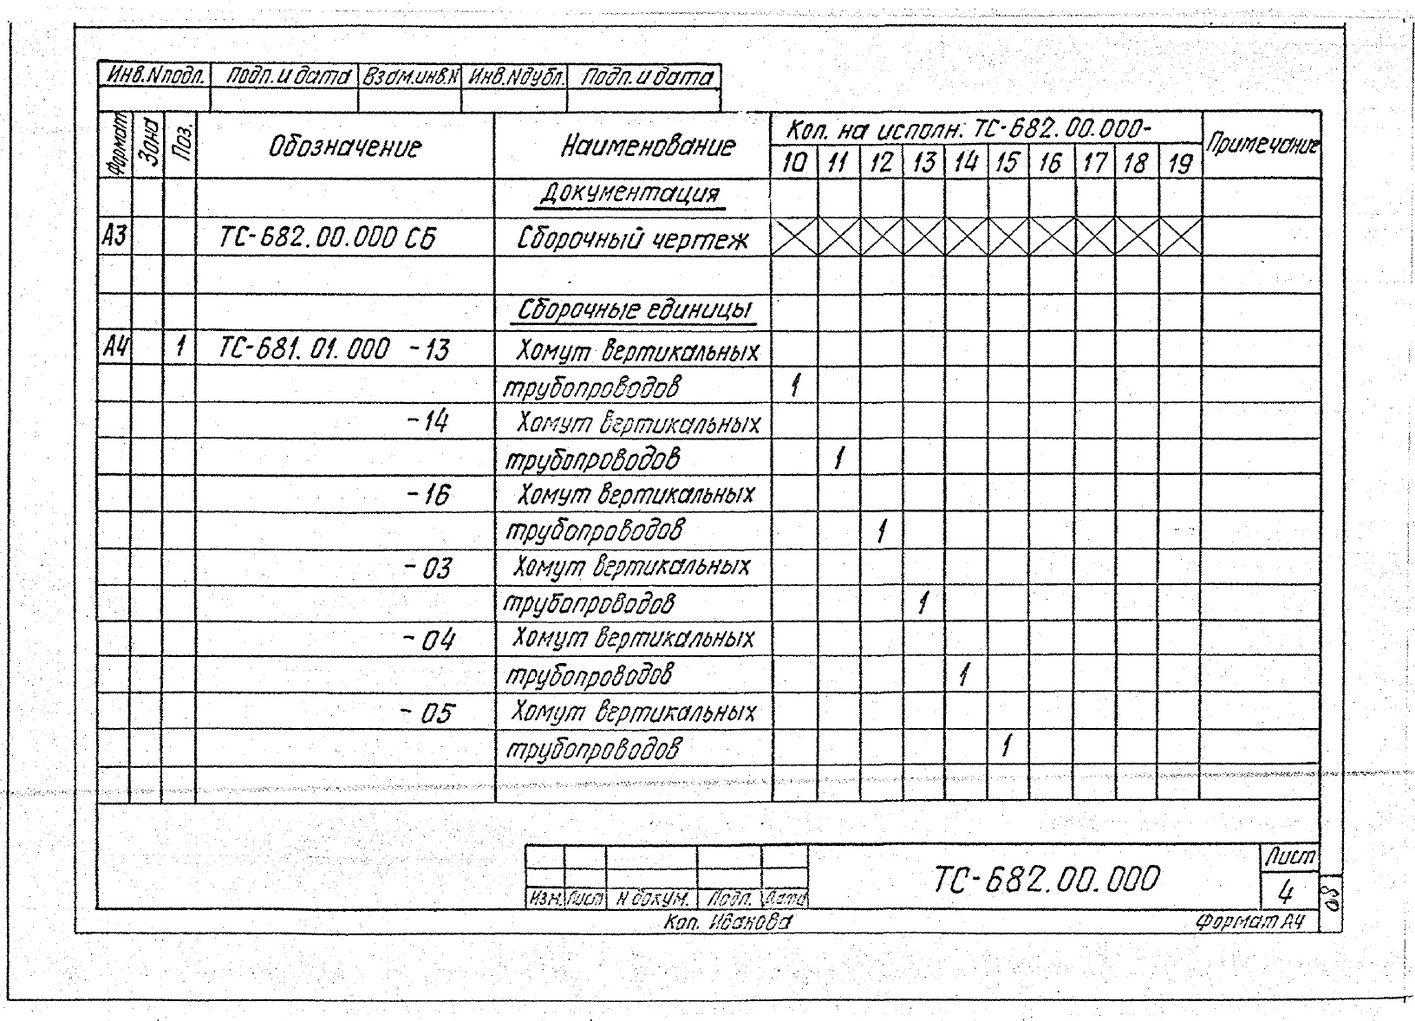 Подвески жесткие для вертикальных трубопроводов Дн 57-630 мм ТС-682.00.000 СБ серия 5.903-13 выпуск 6-95 стр.6